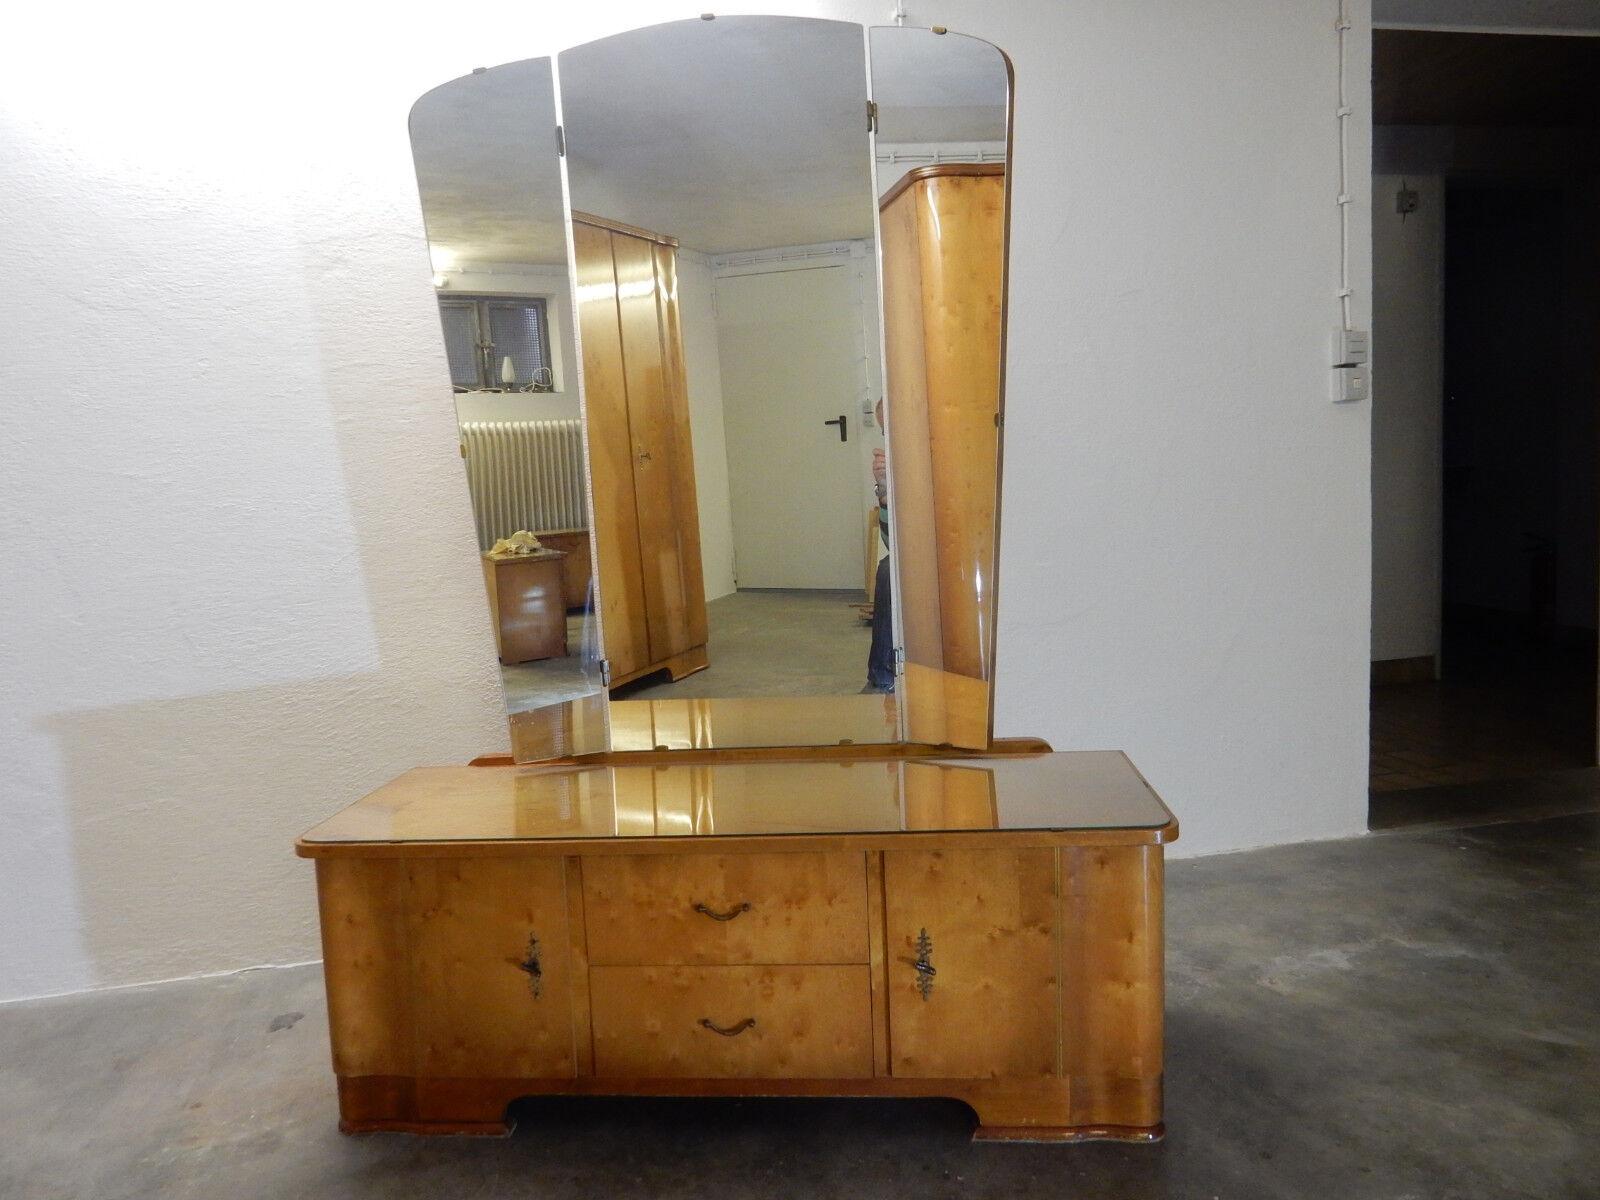 schlafzimmer aus den 50er jahren bett schrank spiegelkommode 2 nachtk stchen eur 469 00. Black Bedroom Furniture Sets. Home Design Ideas